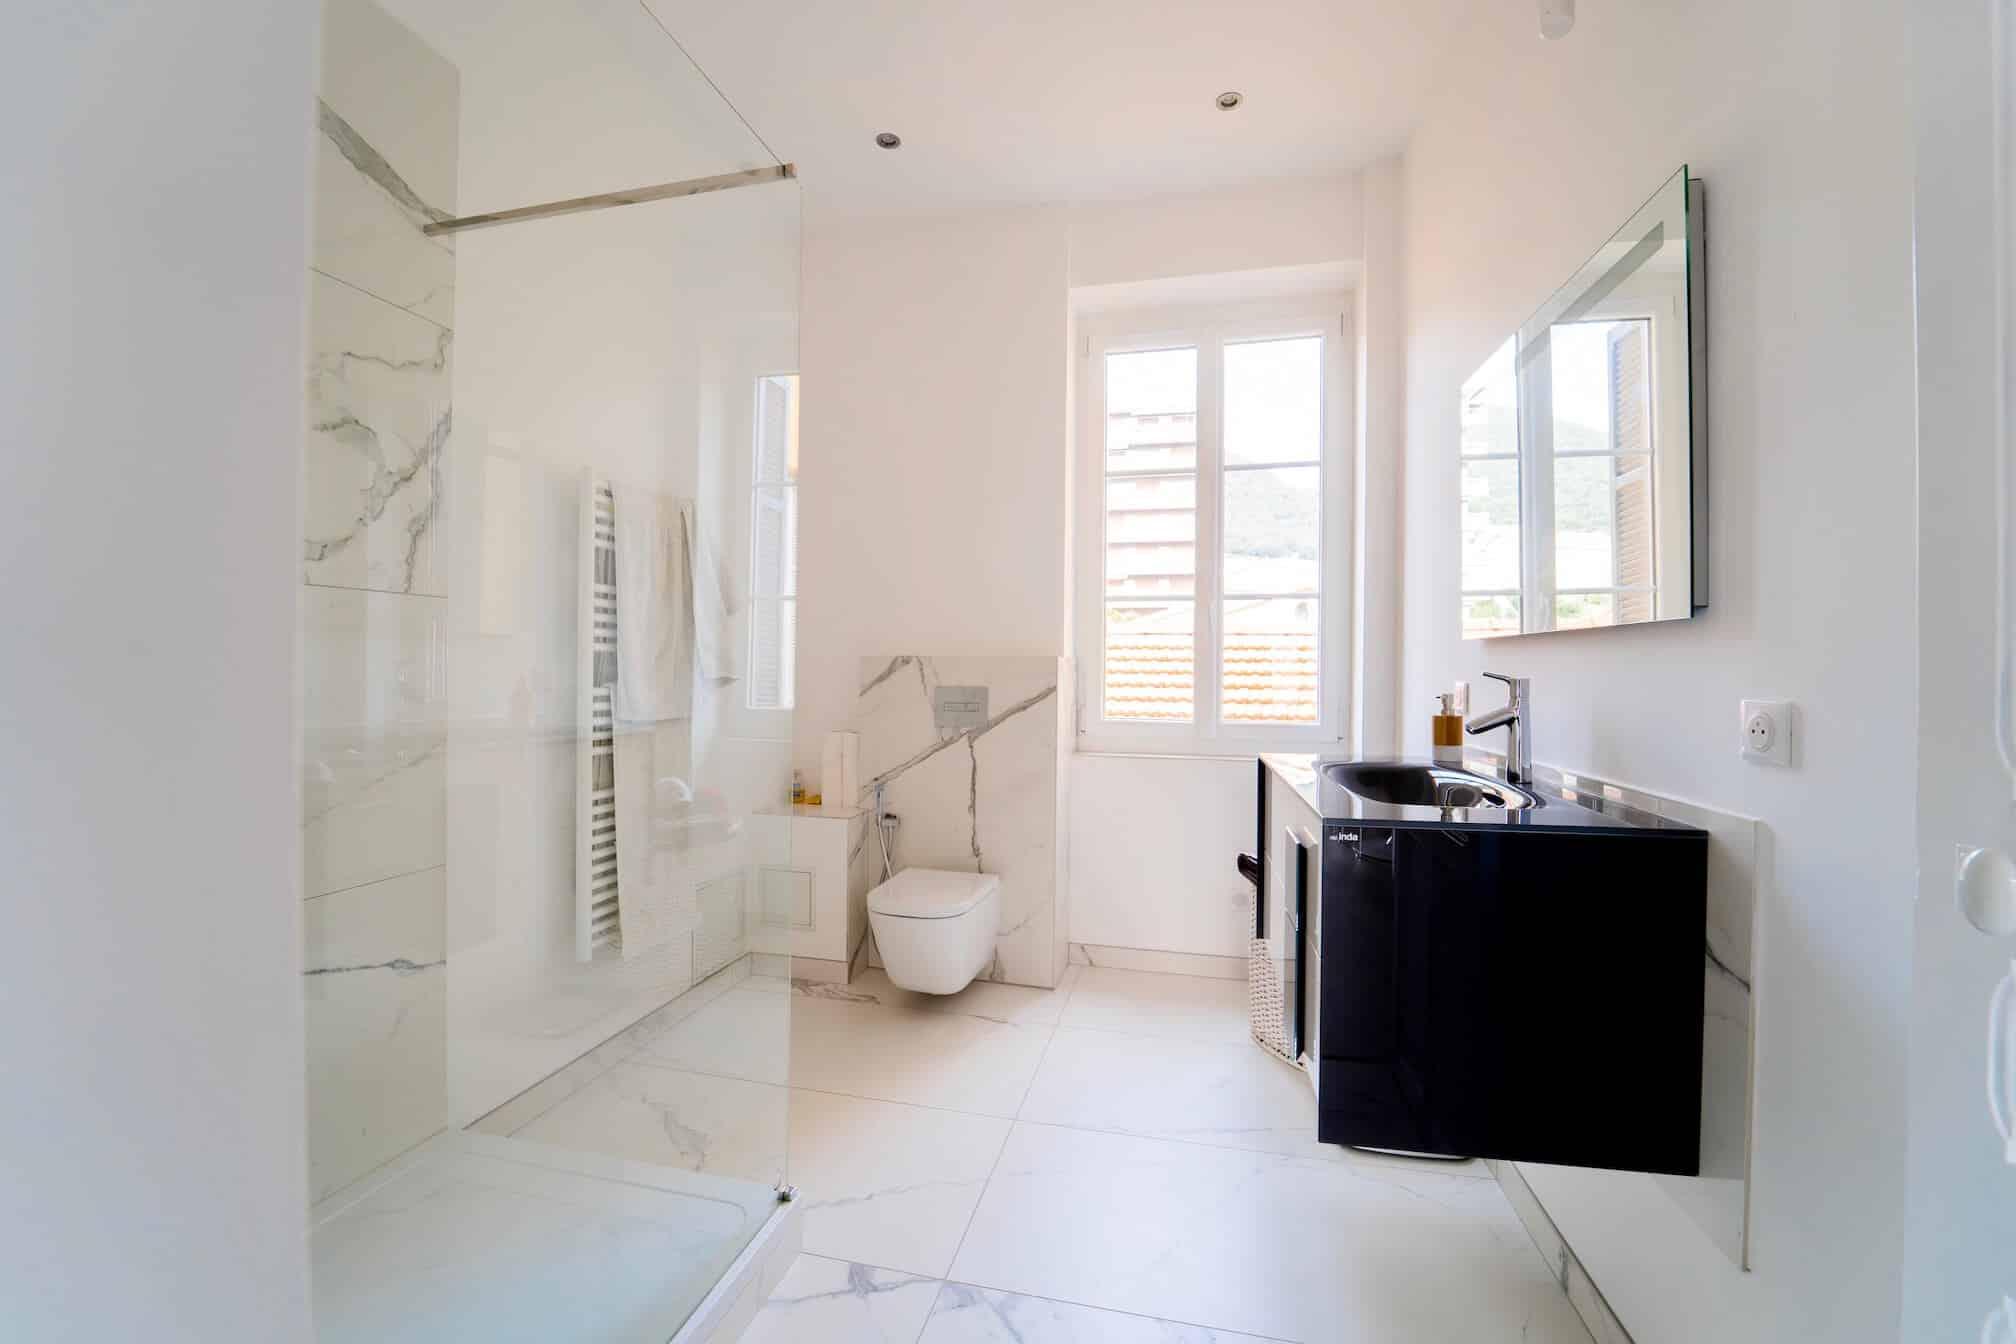 az habitat création salle de bain